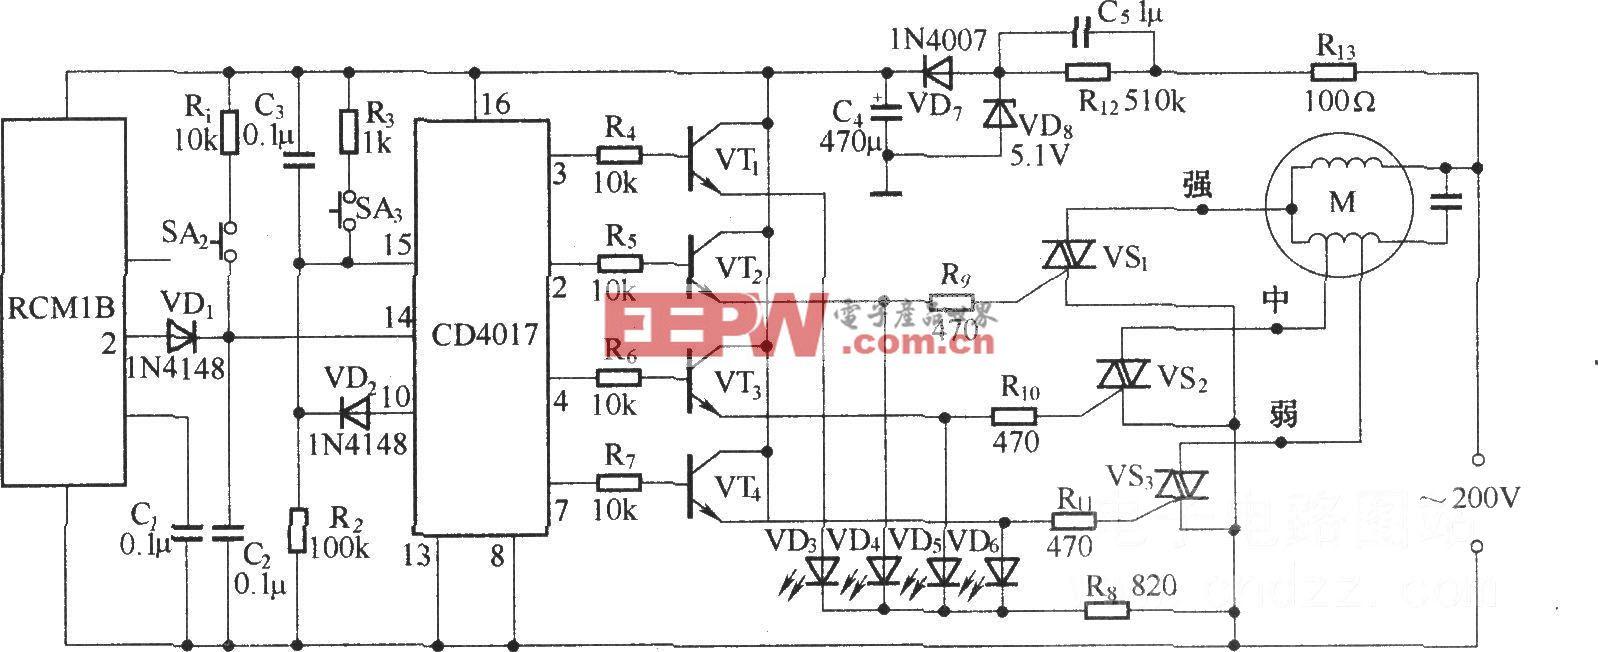 无线遥控电扇调速器(RCM1A/RCM1B组成收发模块)